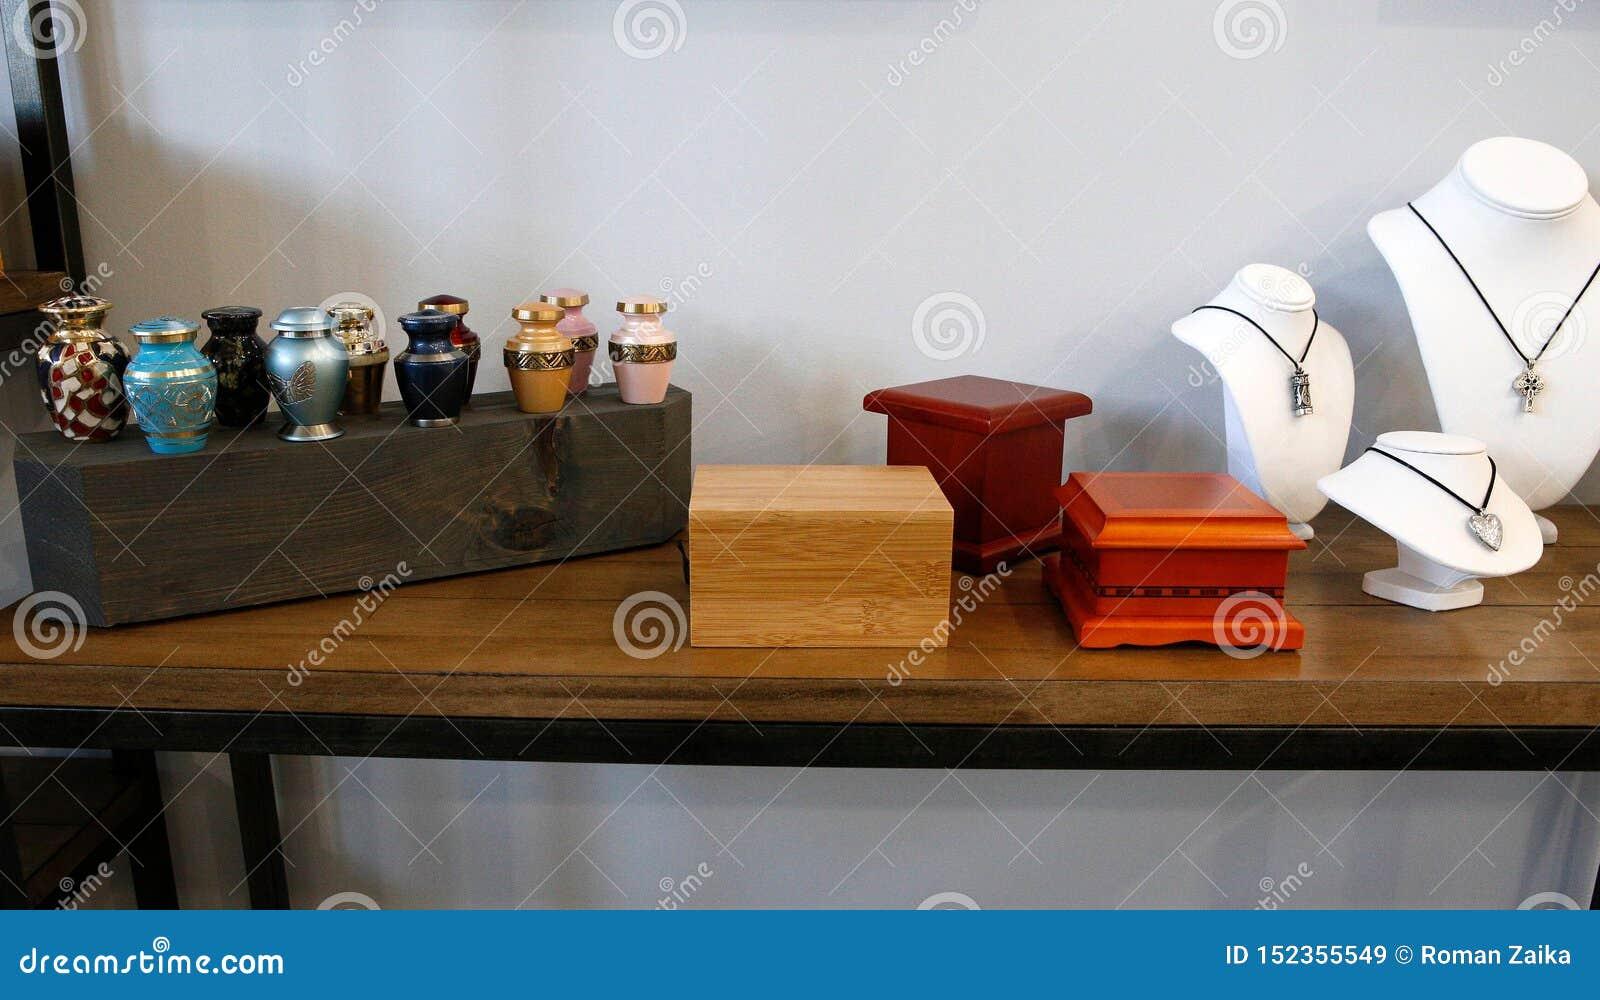 Urnas adultas de la cremación en una superficie de madera